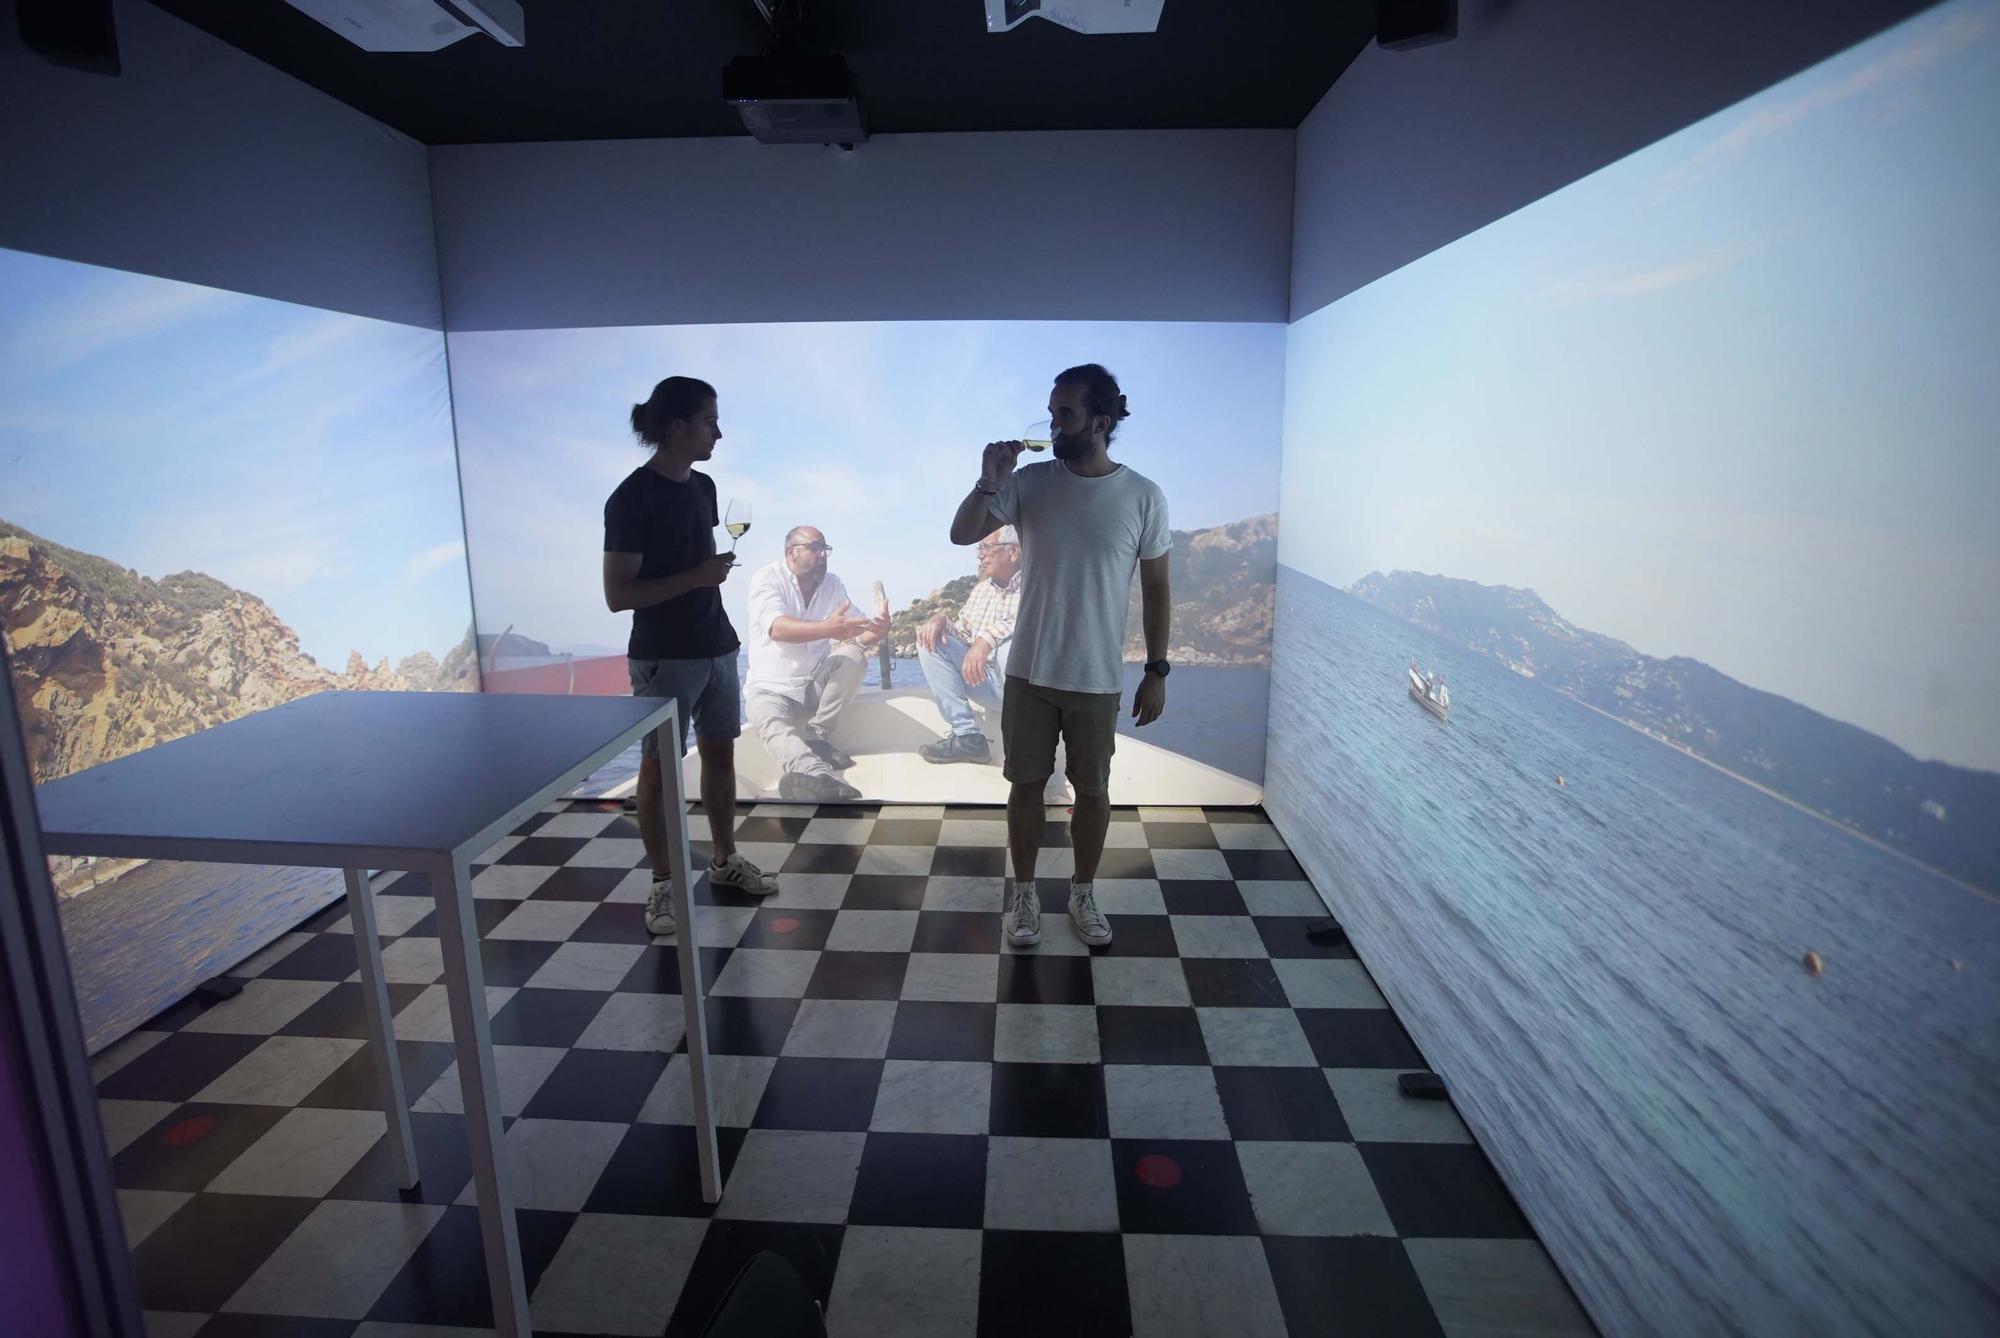 El mapatge interactiu del Vívid Insòlit està fins divendres a la ciutat de Girona